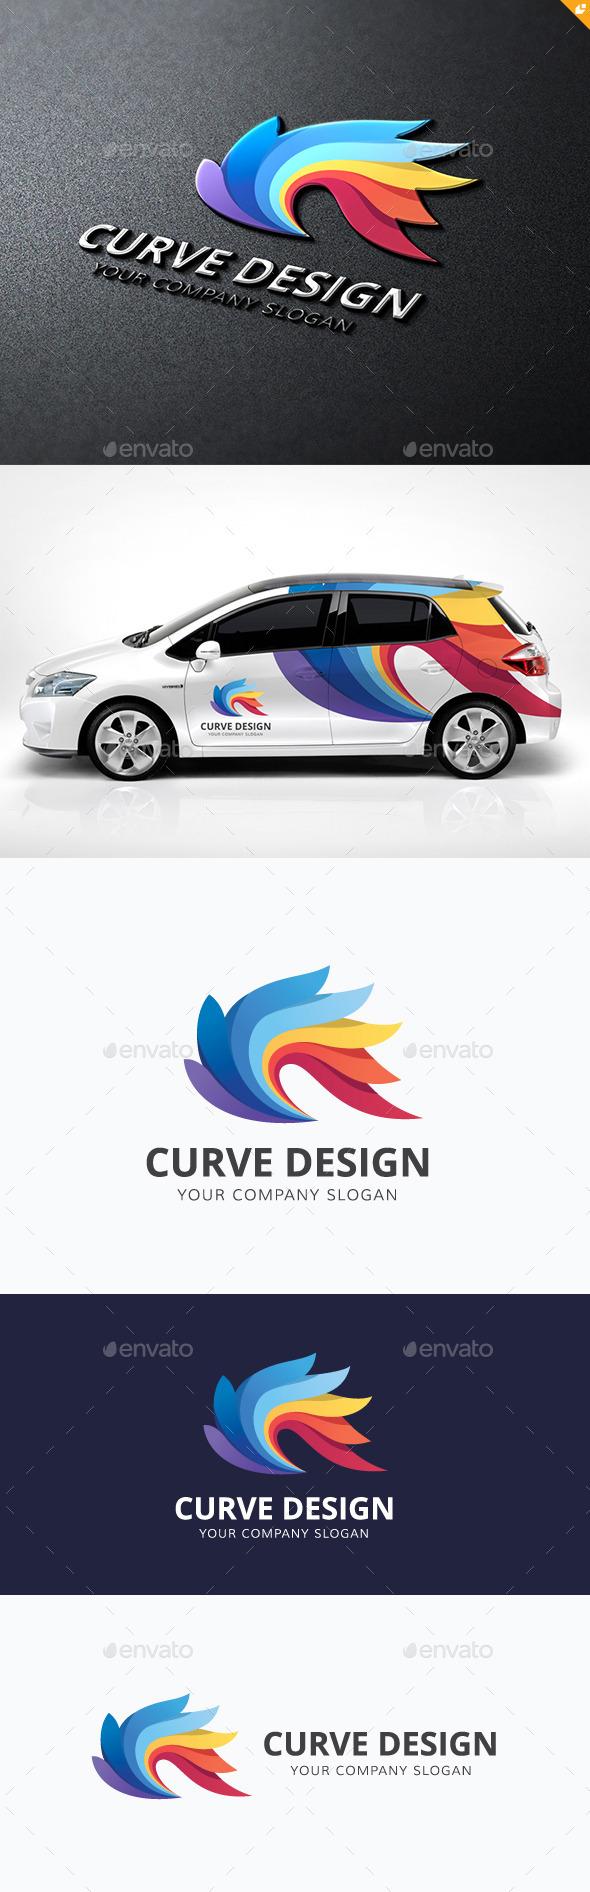 GraphicRiver Curve Design 11937990